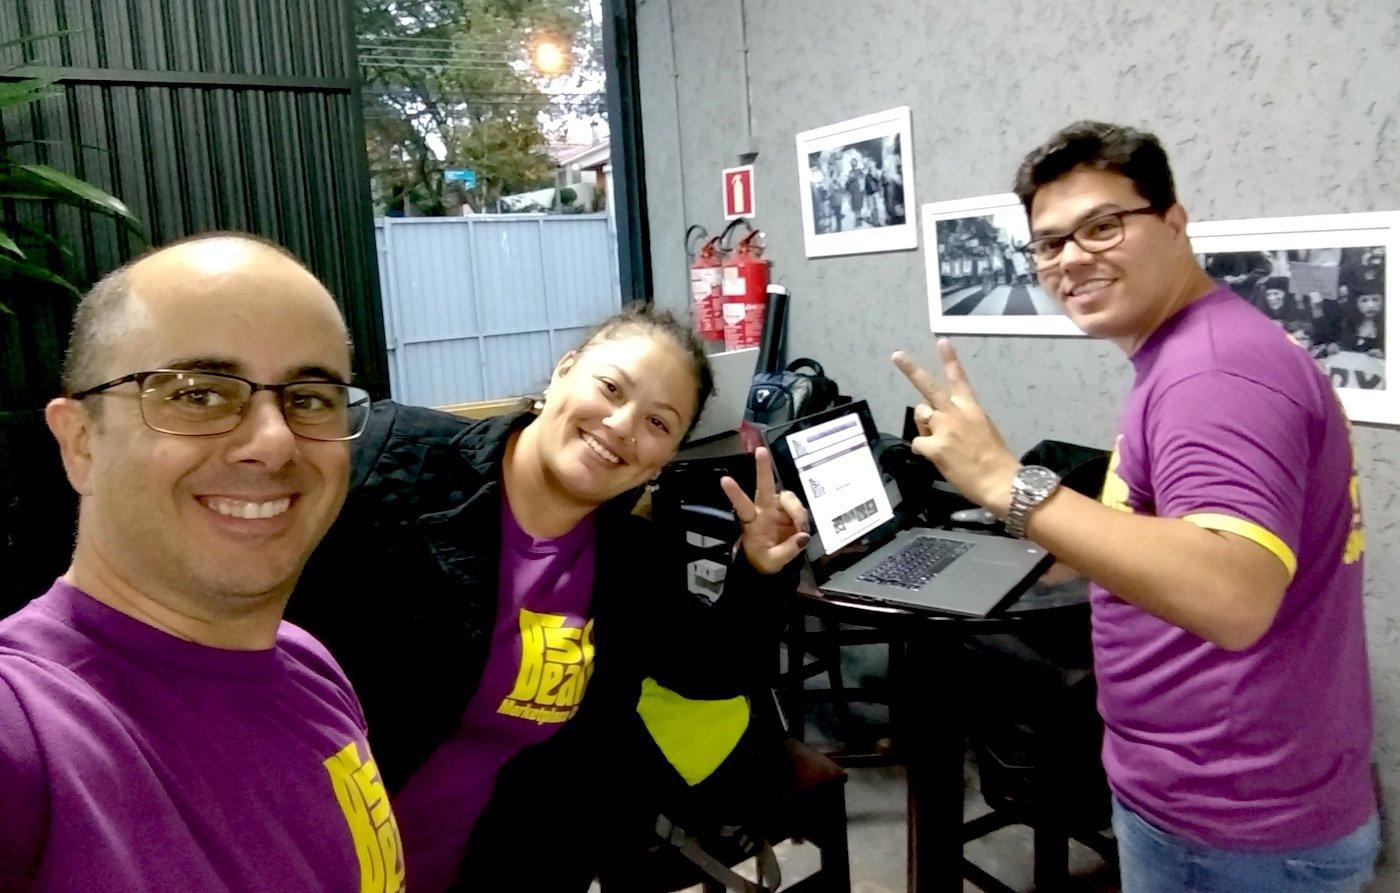 A 5Beatle, de Itajaí, aposta em uma plataforma cultural para dar visibilidade e gerar negócios a artistas